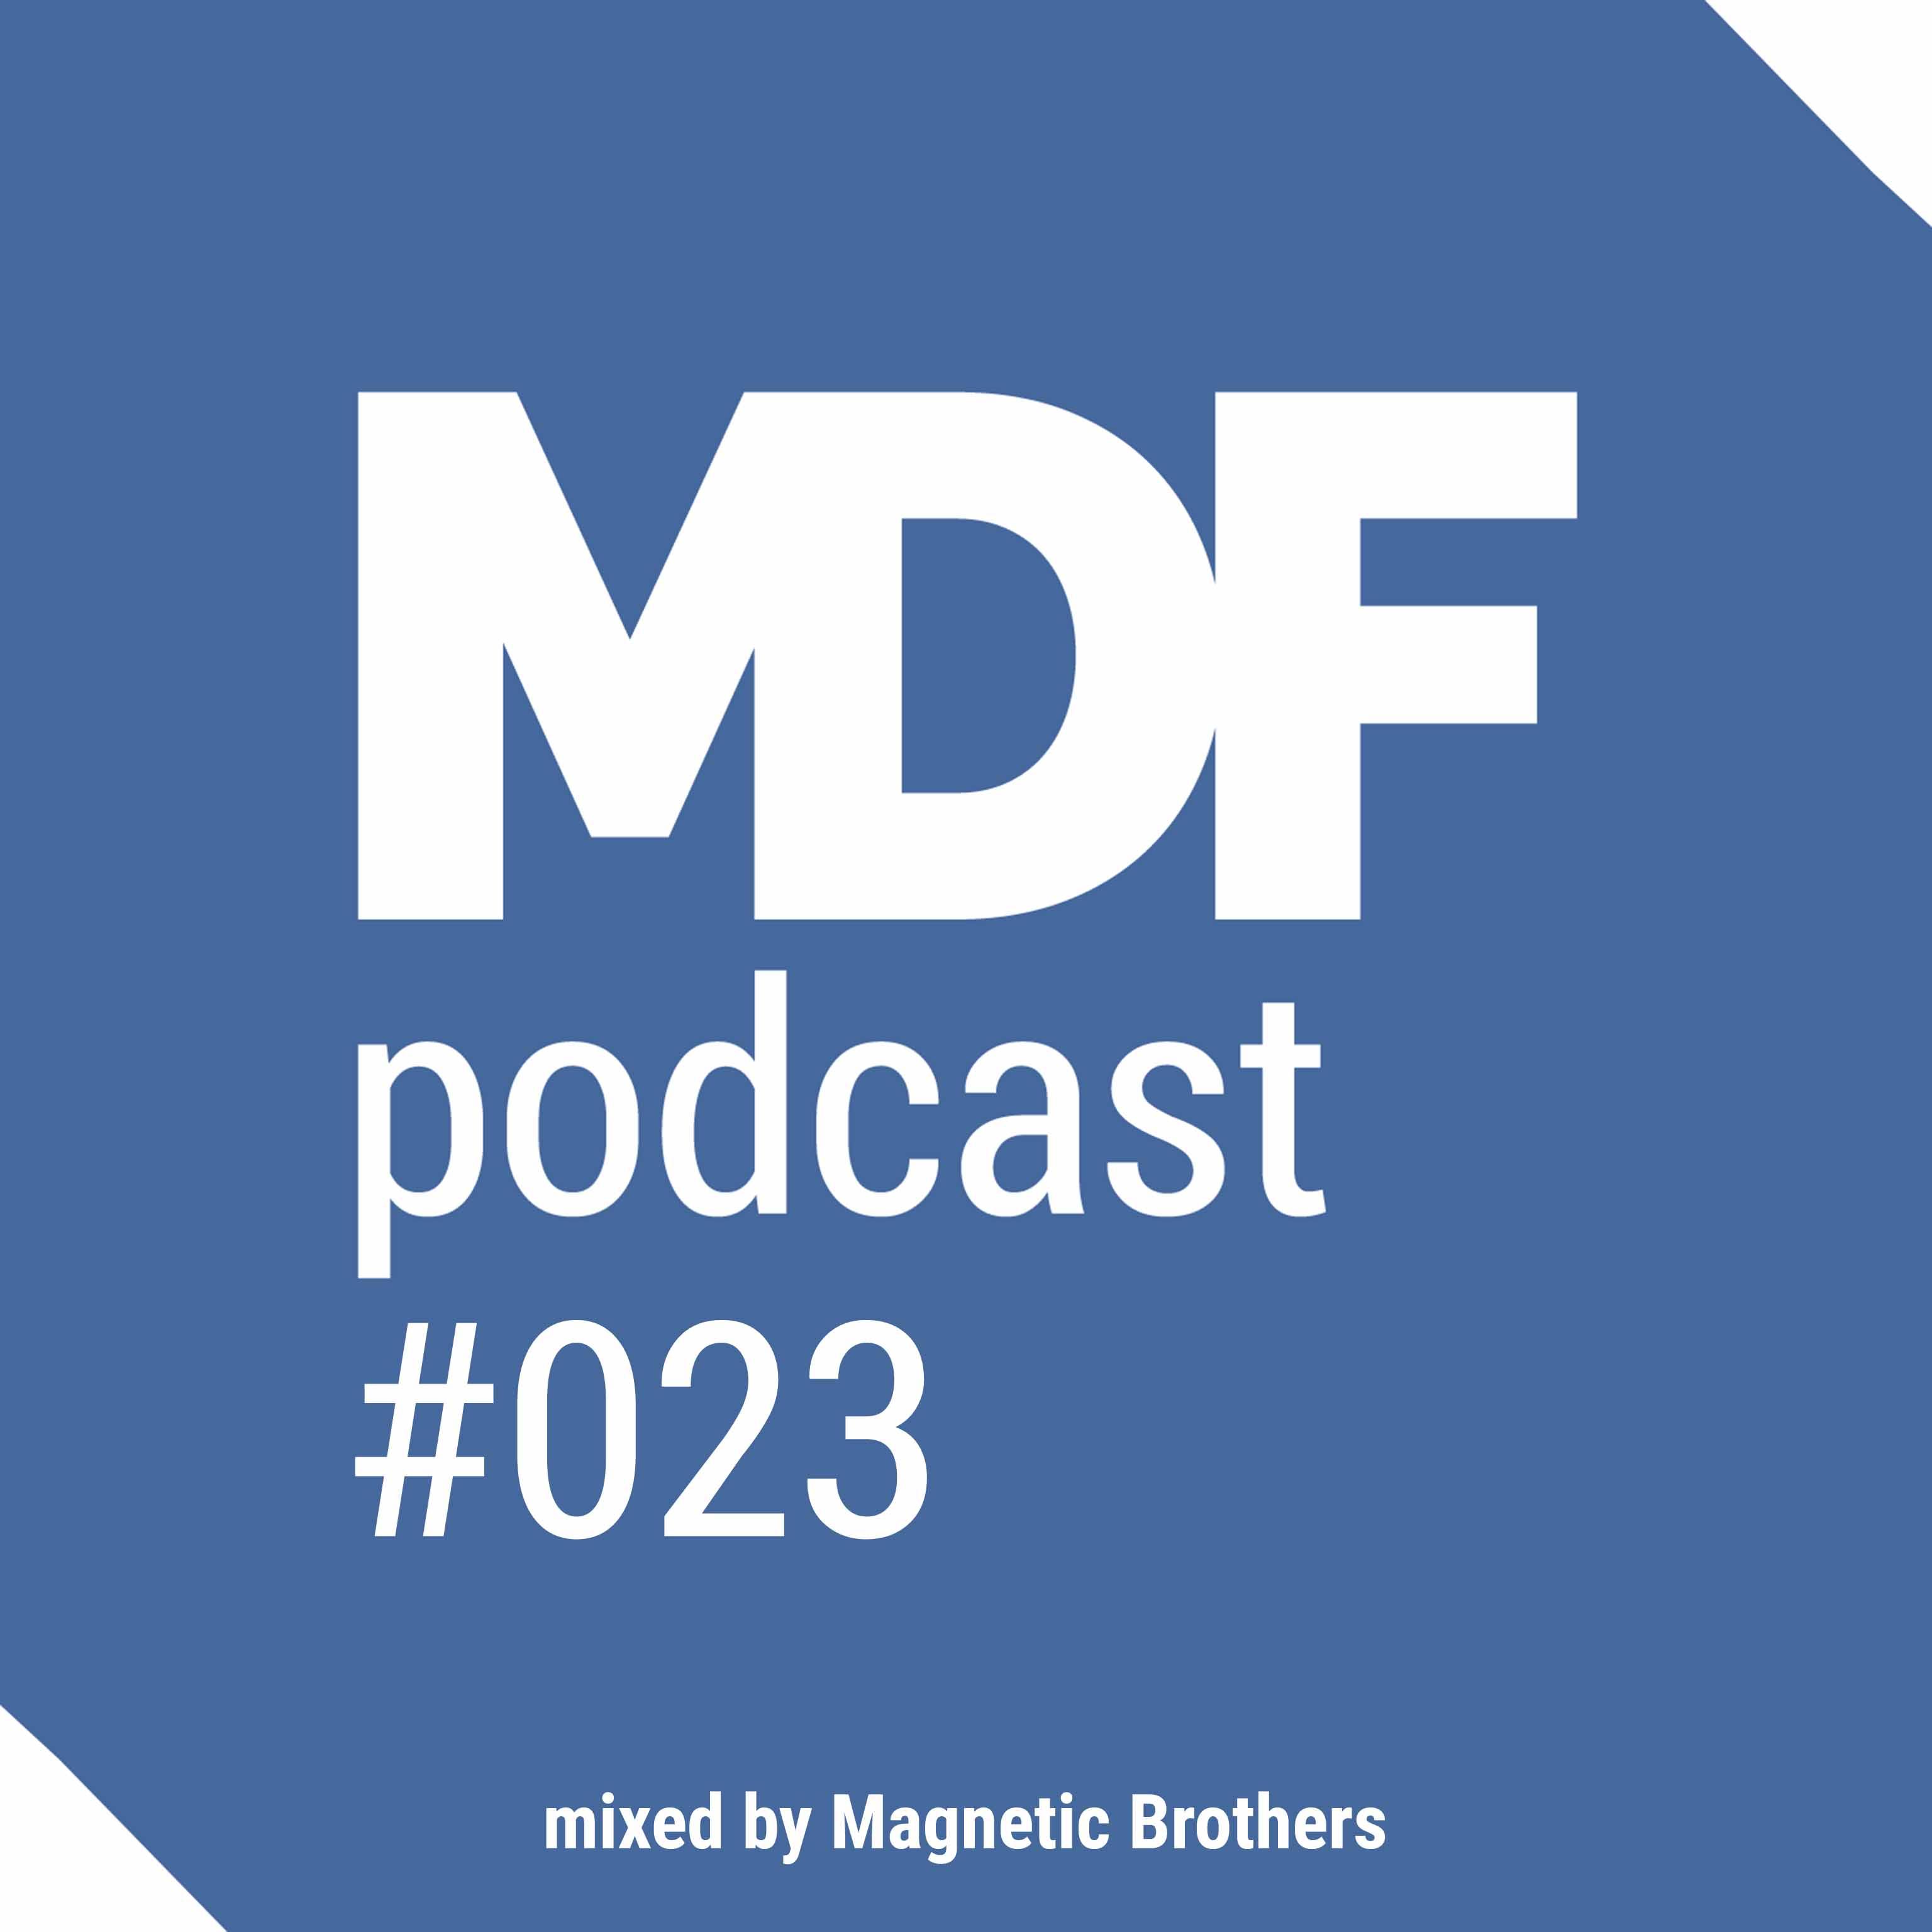 MDF Podcast o23